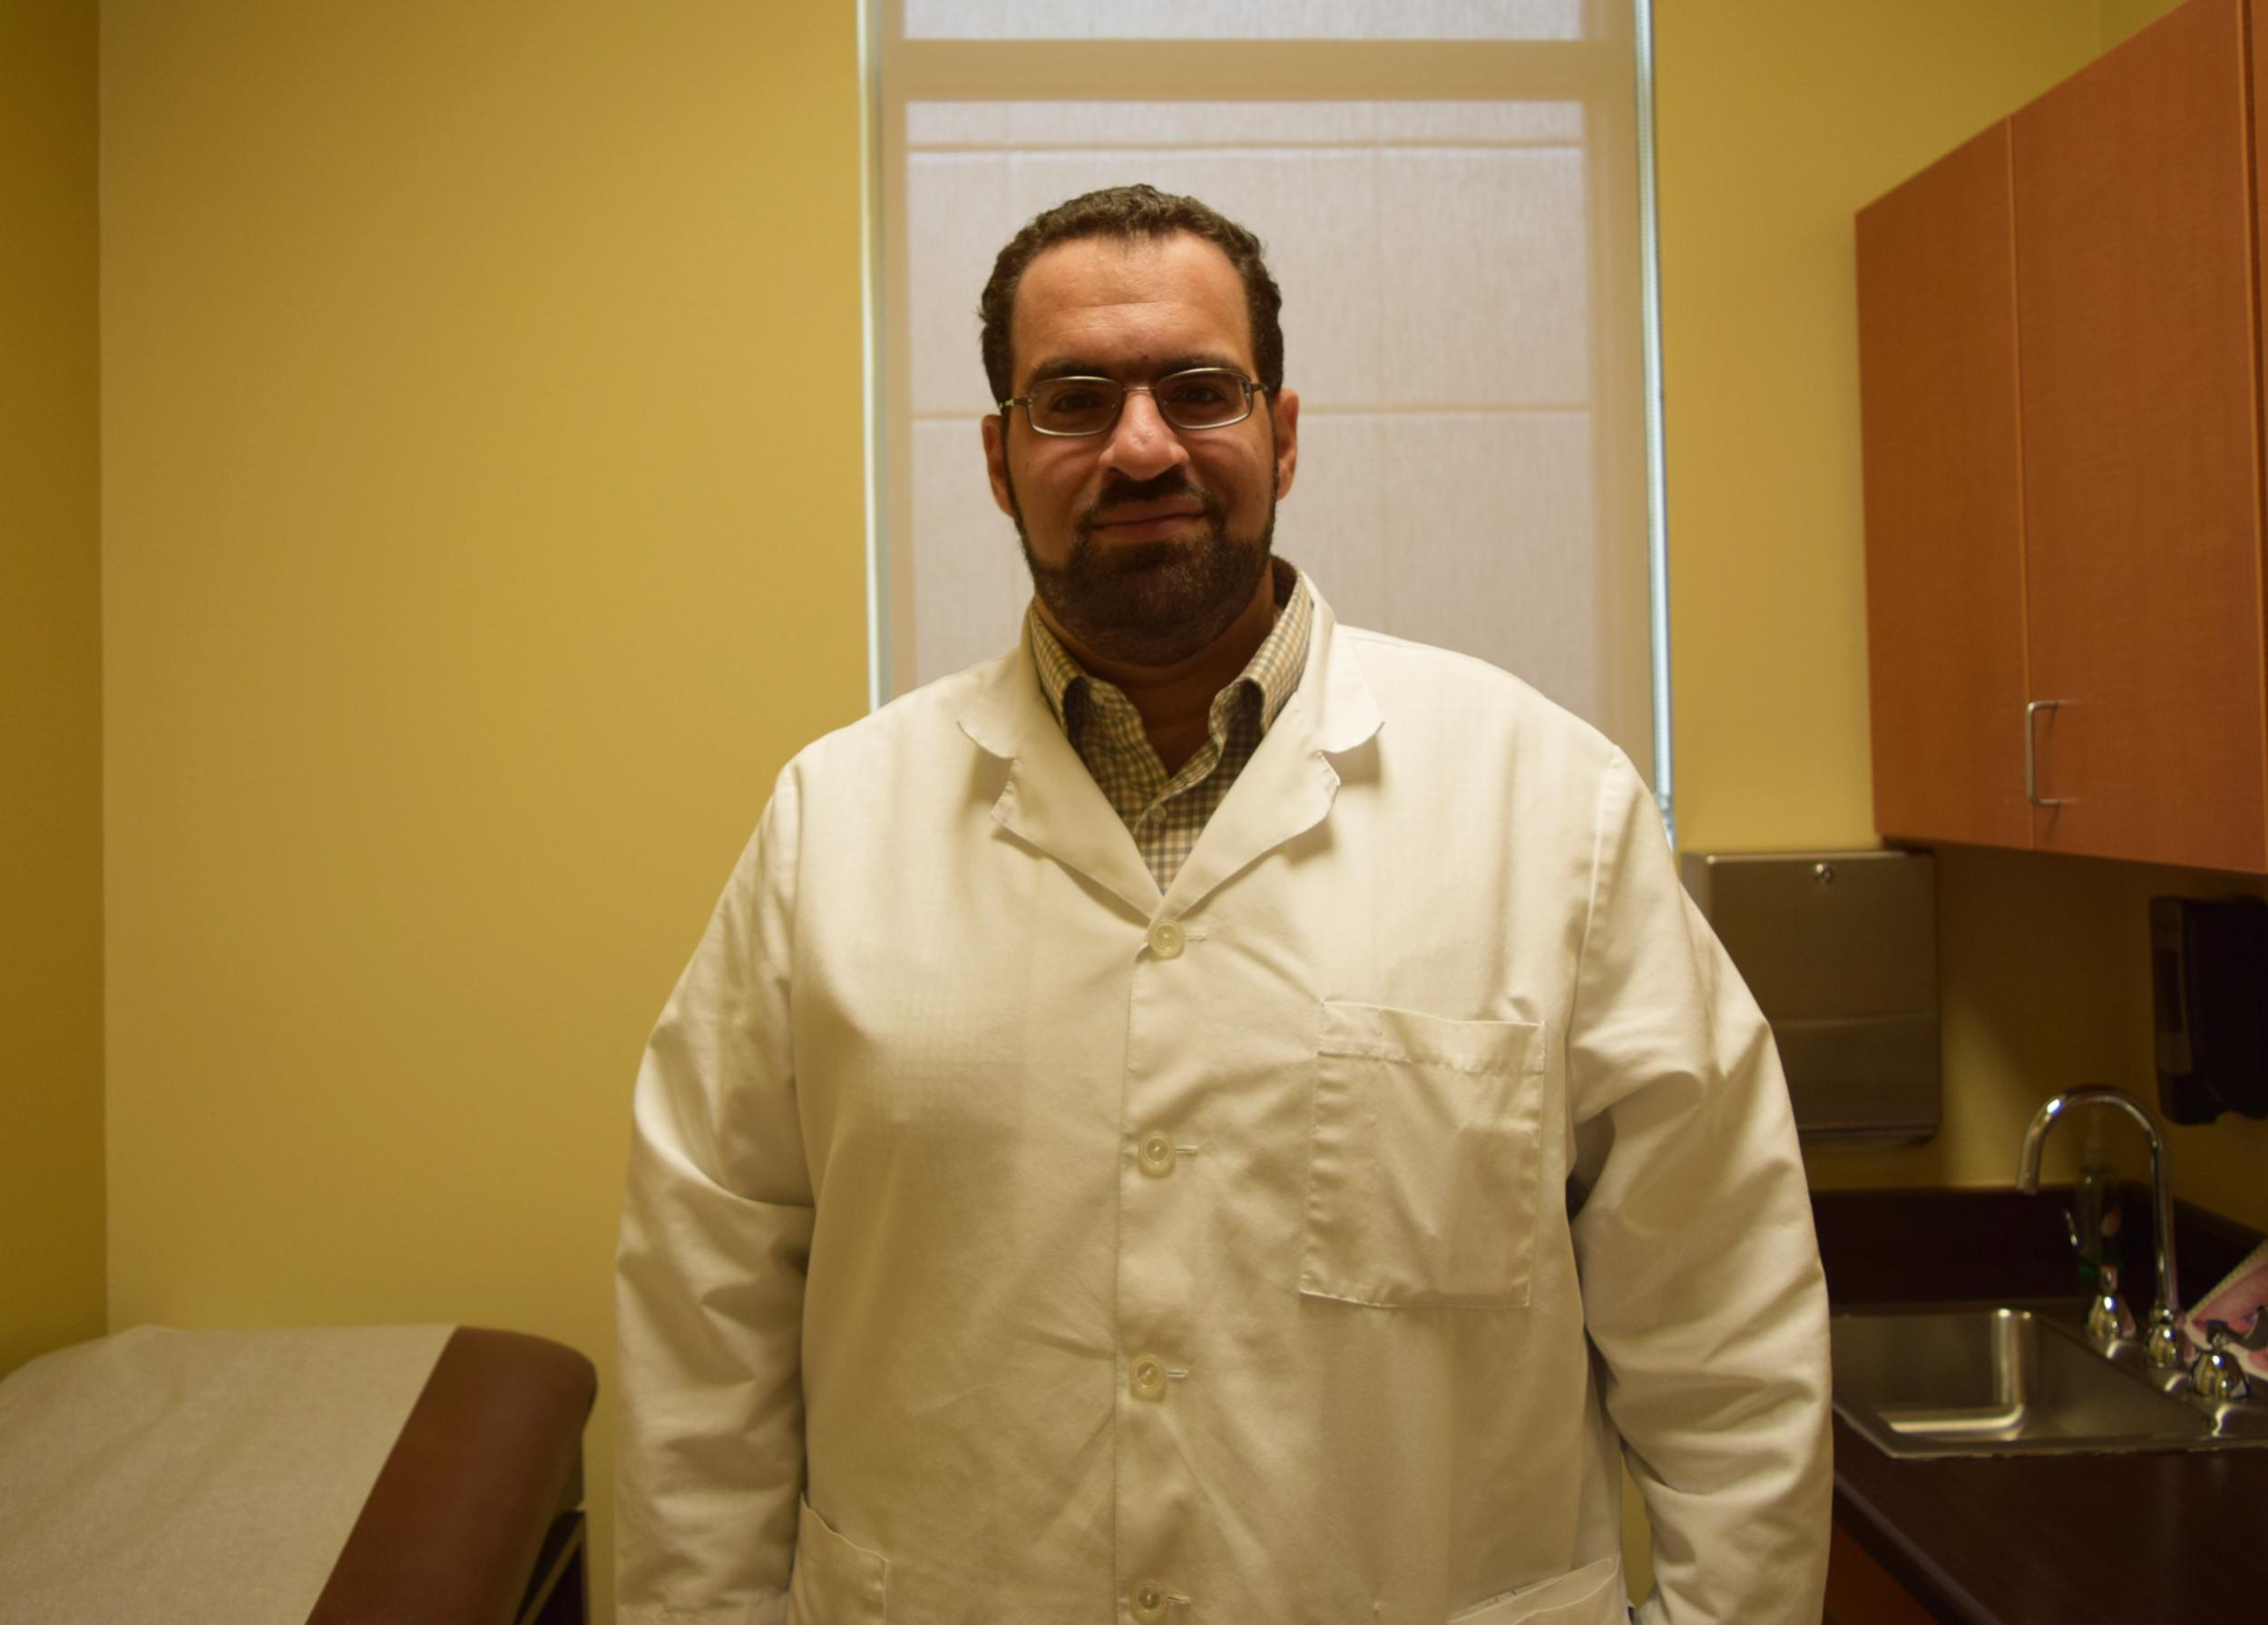 Dr. Marzouk